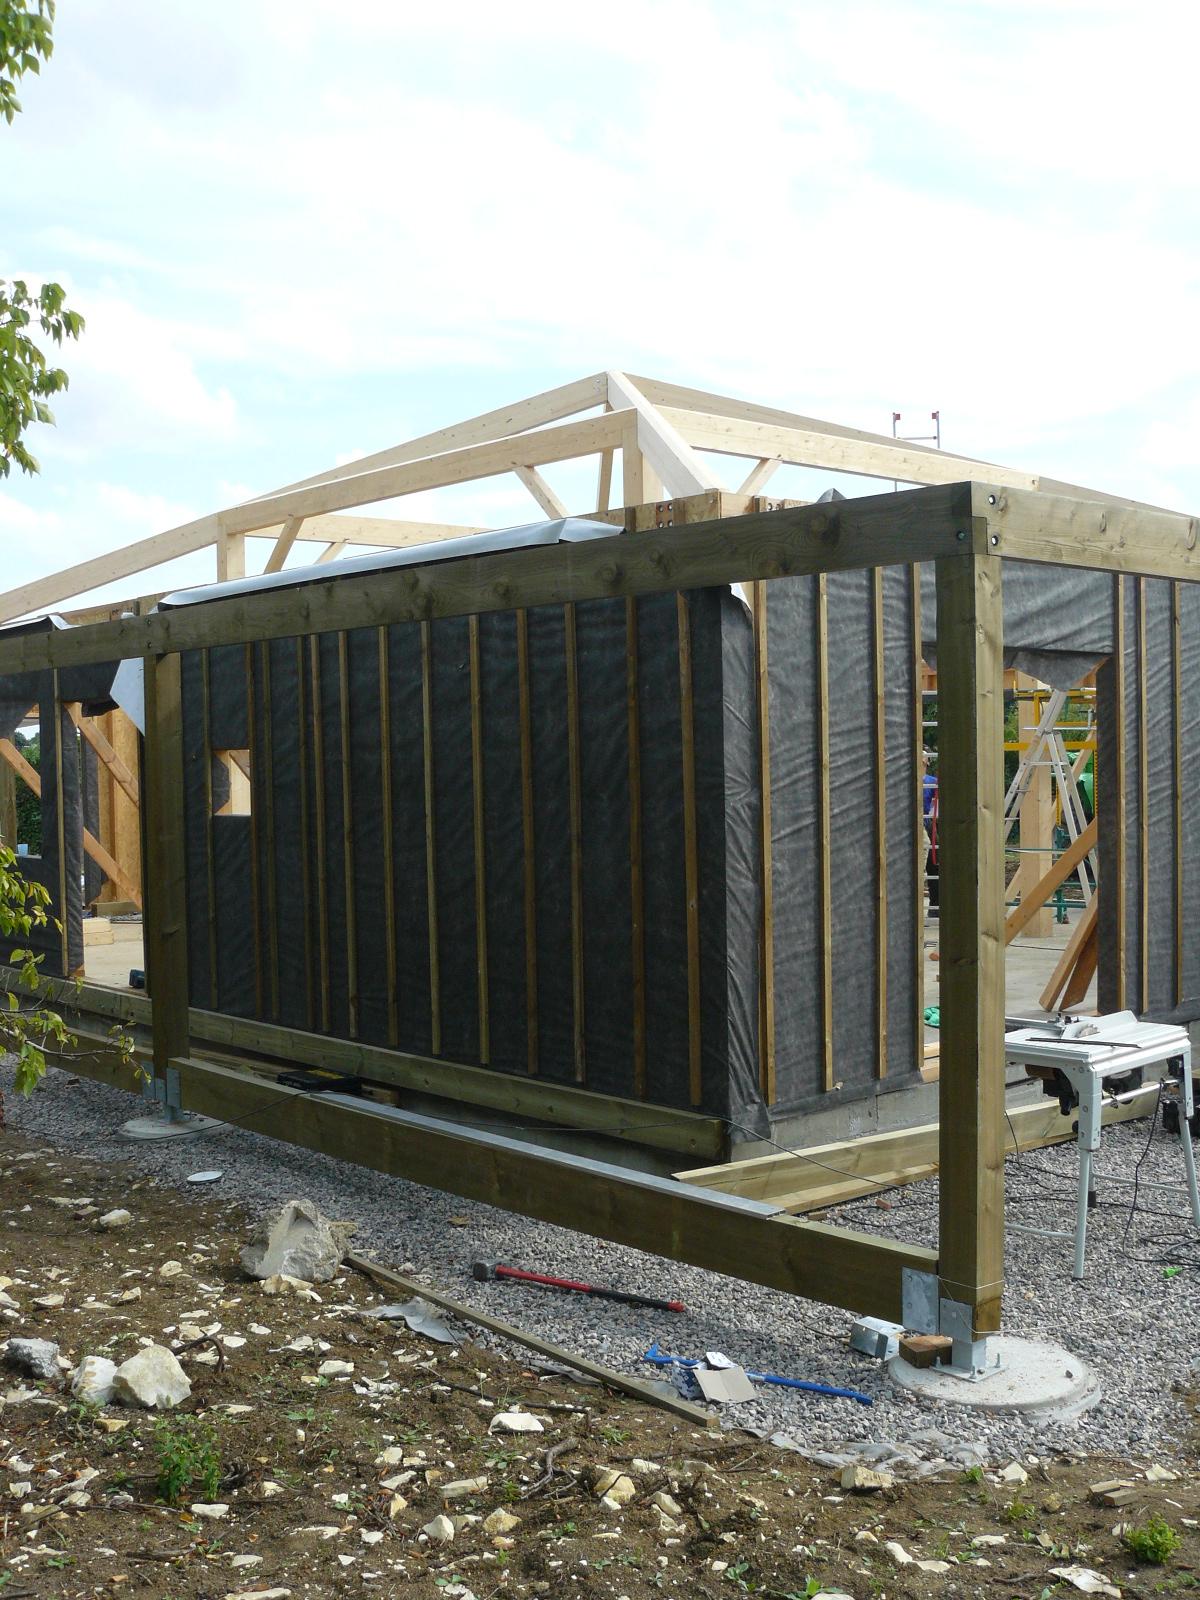 Fazele constructive ale unei case din lemn la cheie NATURAL LIVING - Poza 36